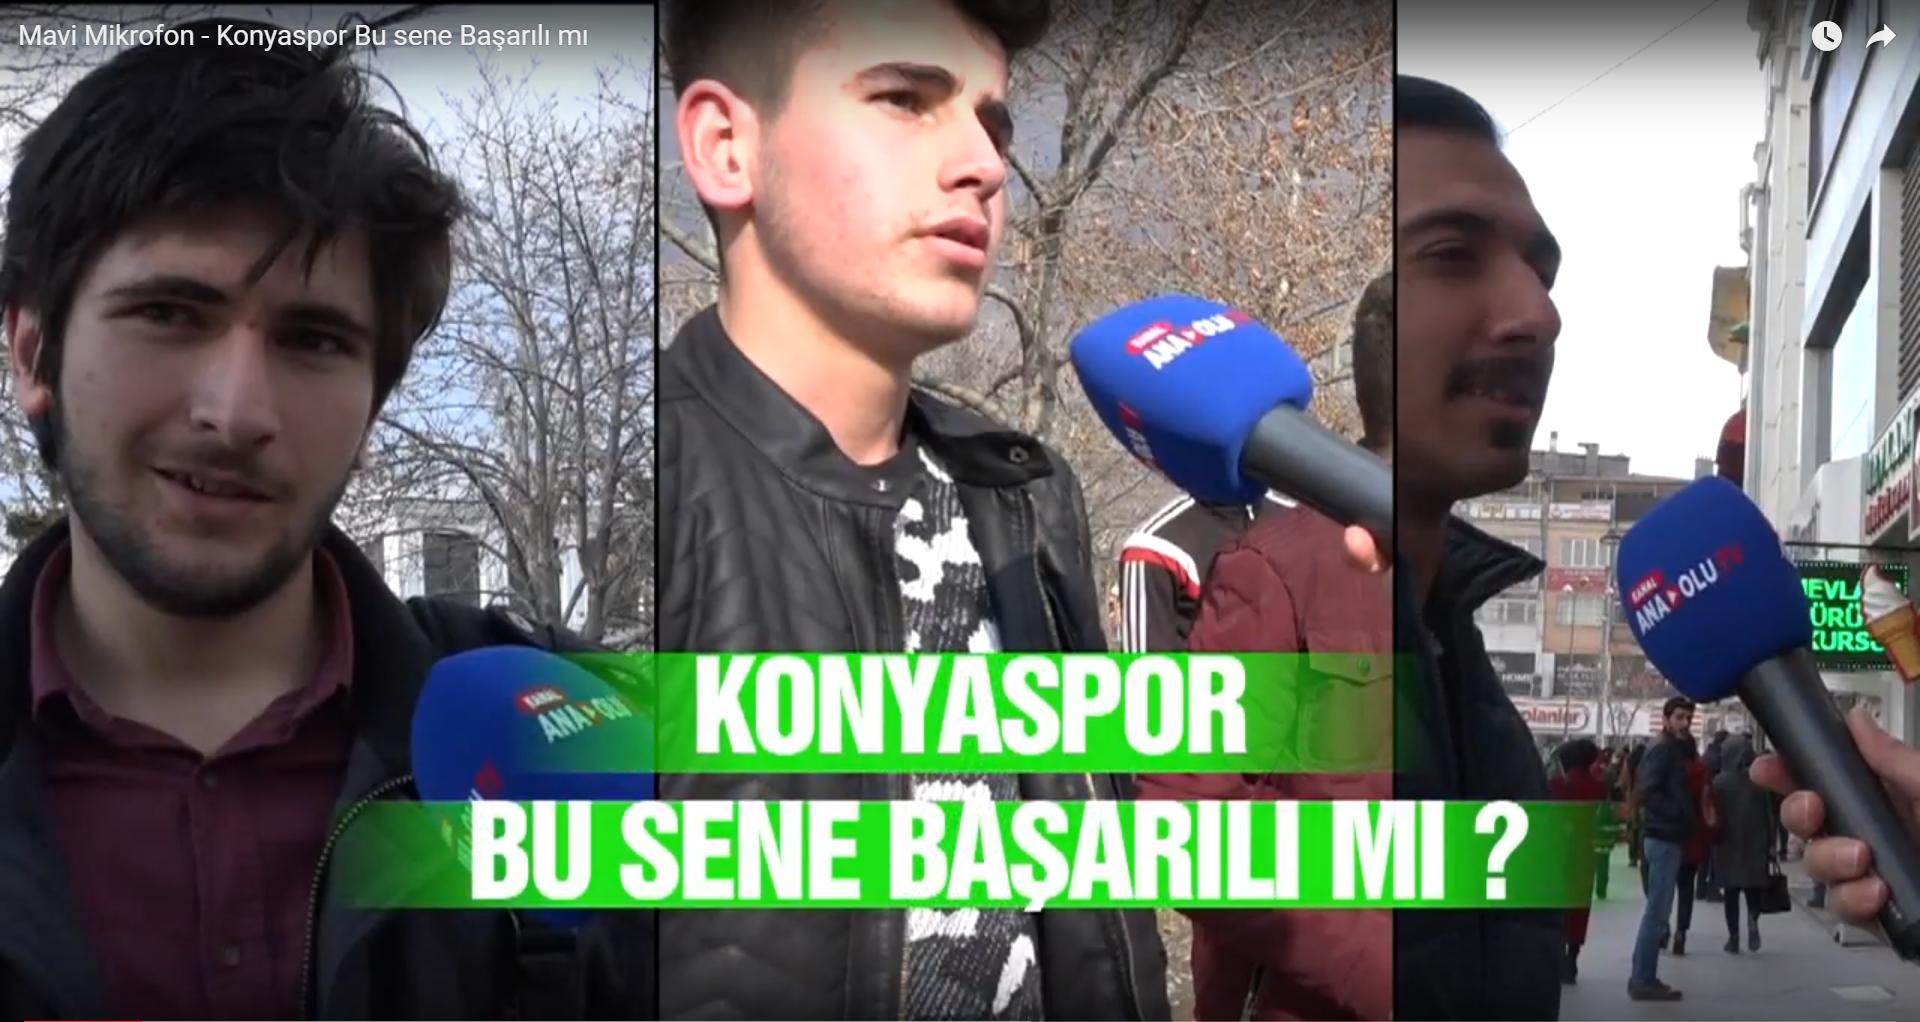 Mavi Mikrofon - Konyaspor Bu sene Başarılı mı  ?